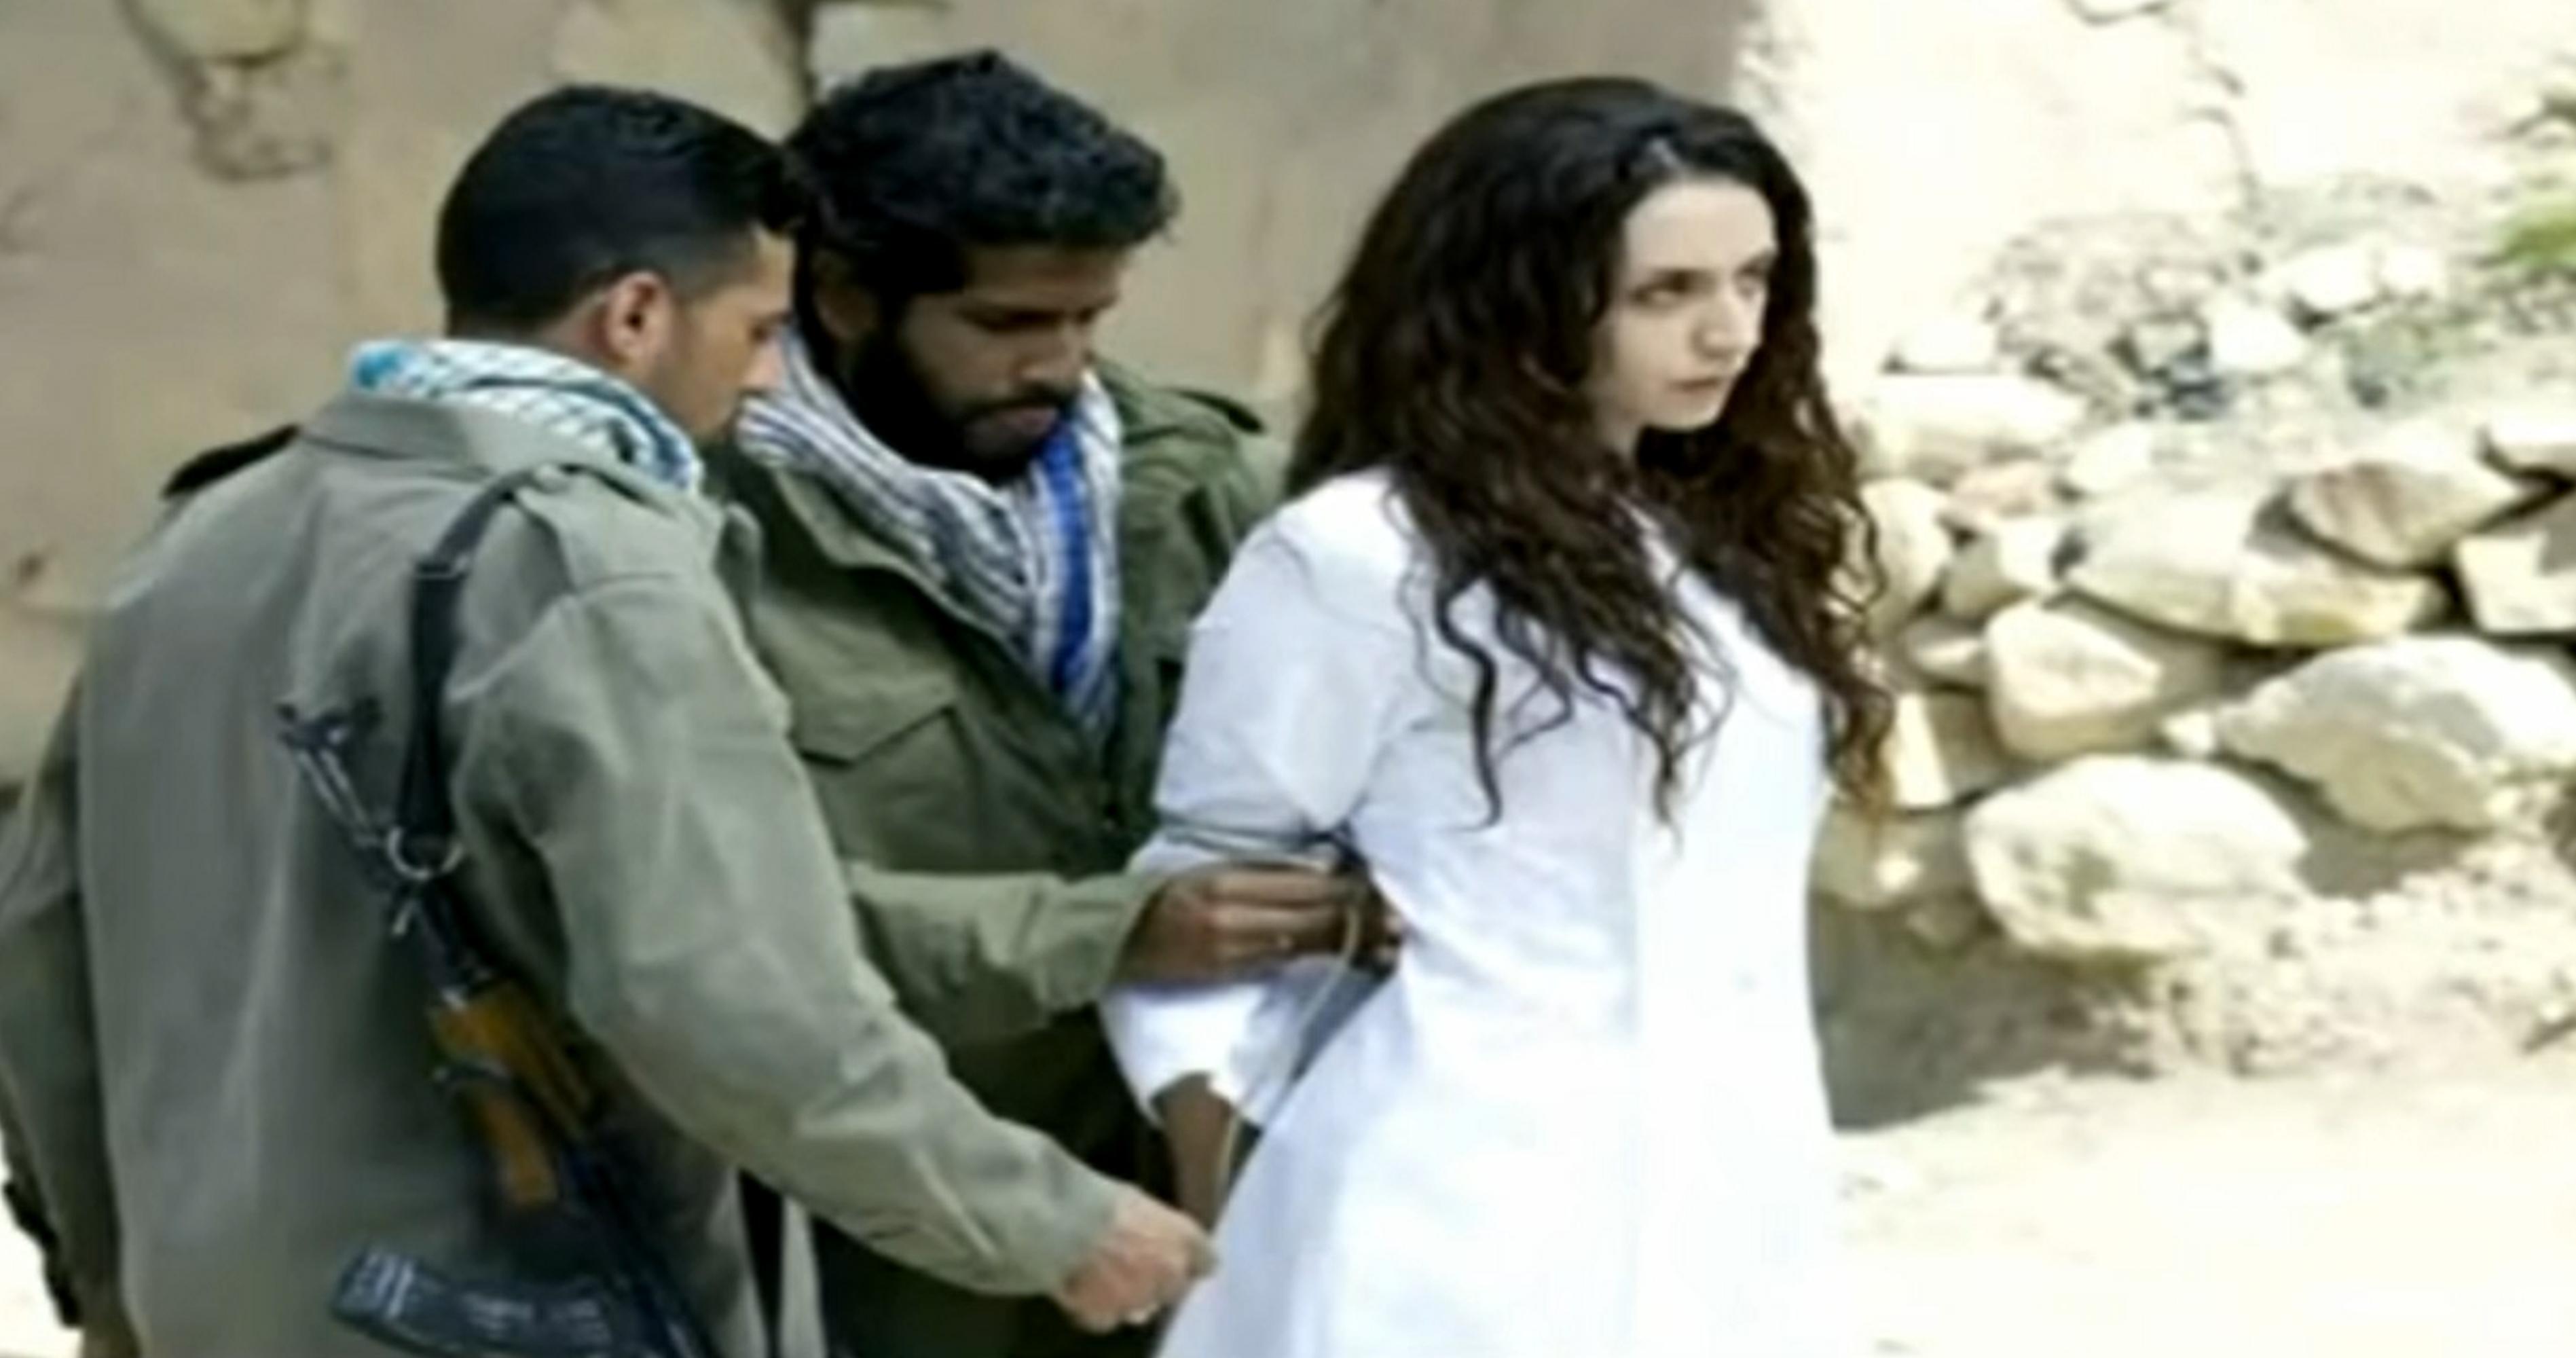 Christliches Mädchen, das muslim Kerl